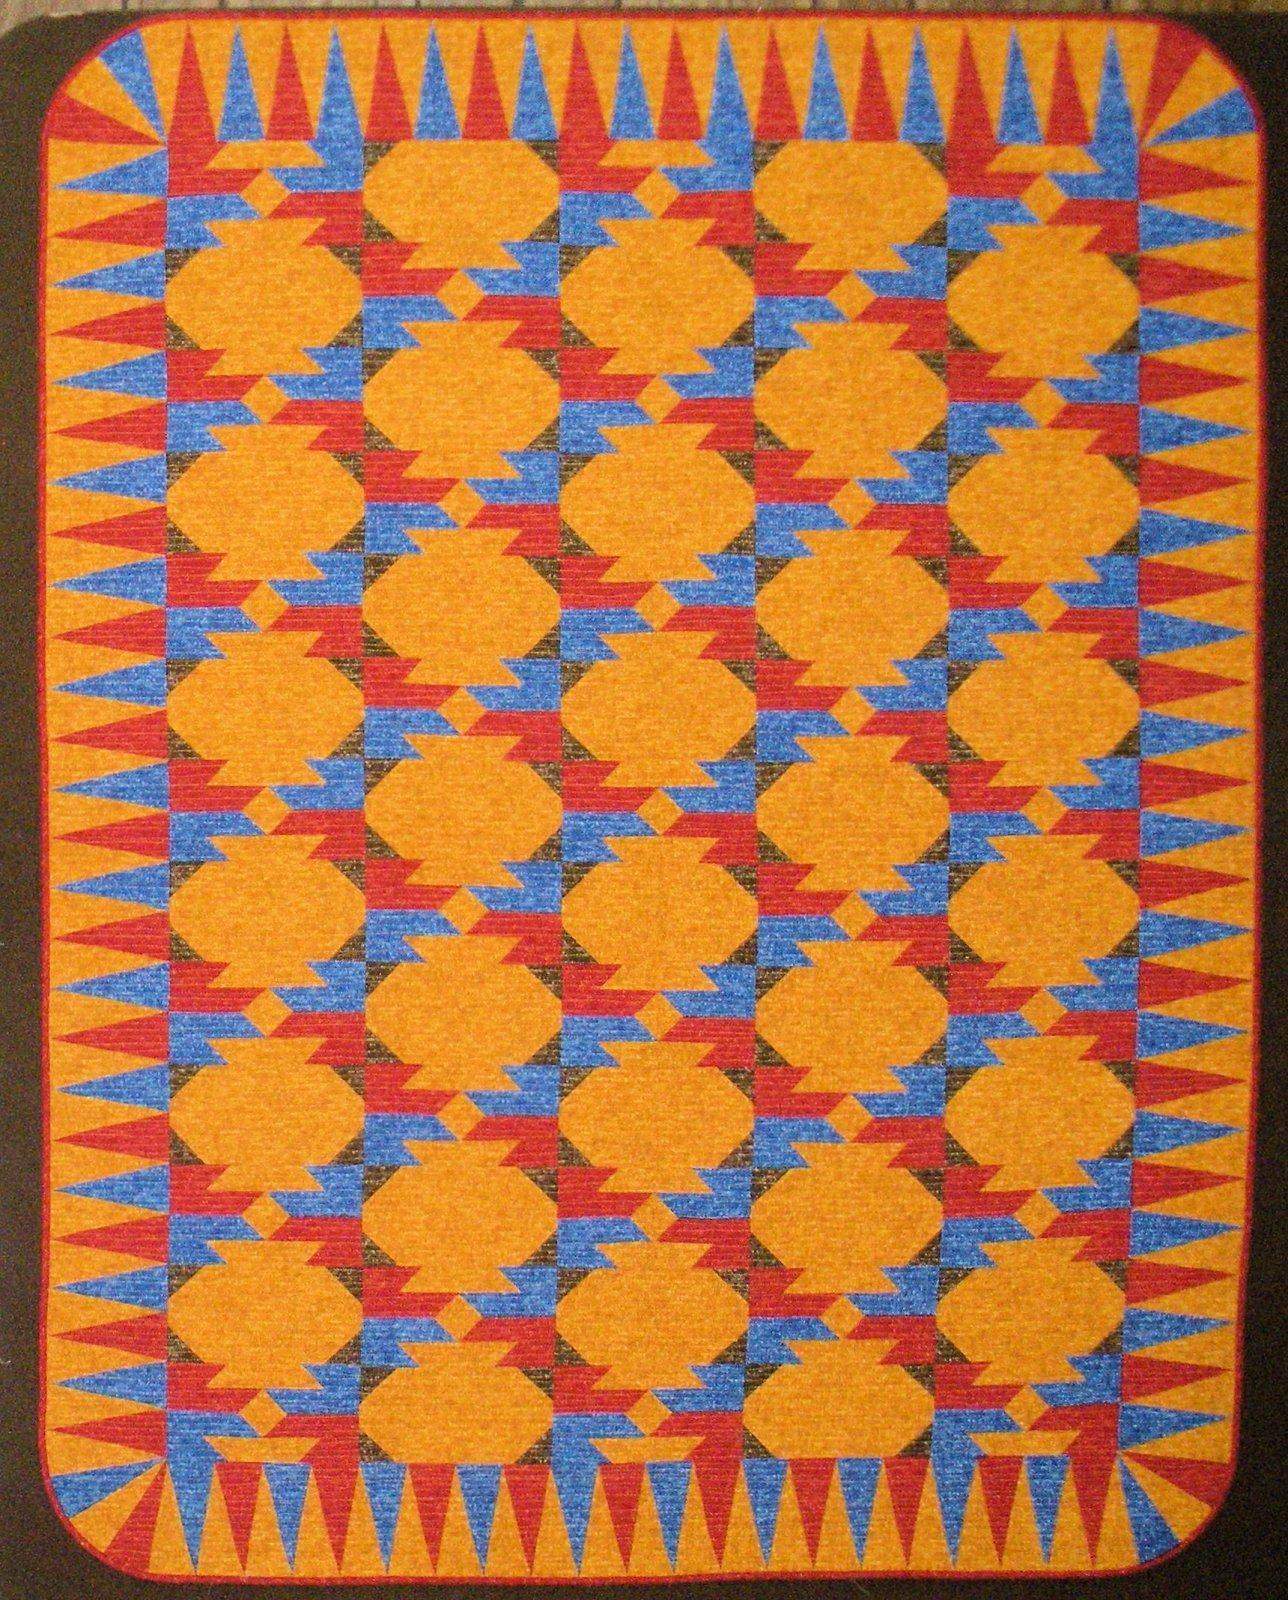 Blanket Pre-cut Kit, Original Colorway